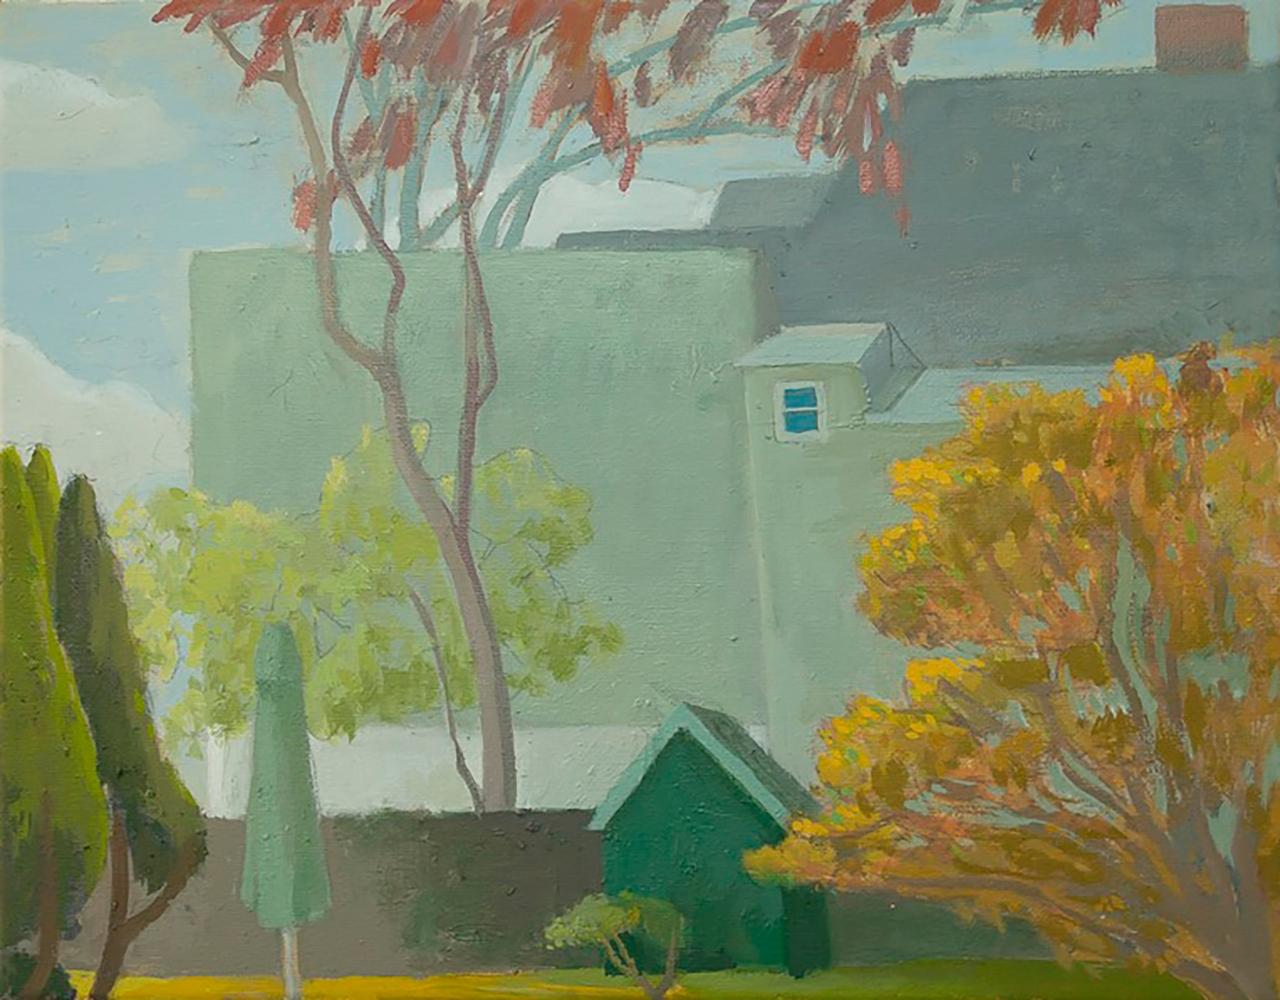 Celia Reisman, Gray Day, oil on canvas, 11 x 14 inches